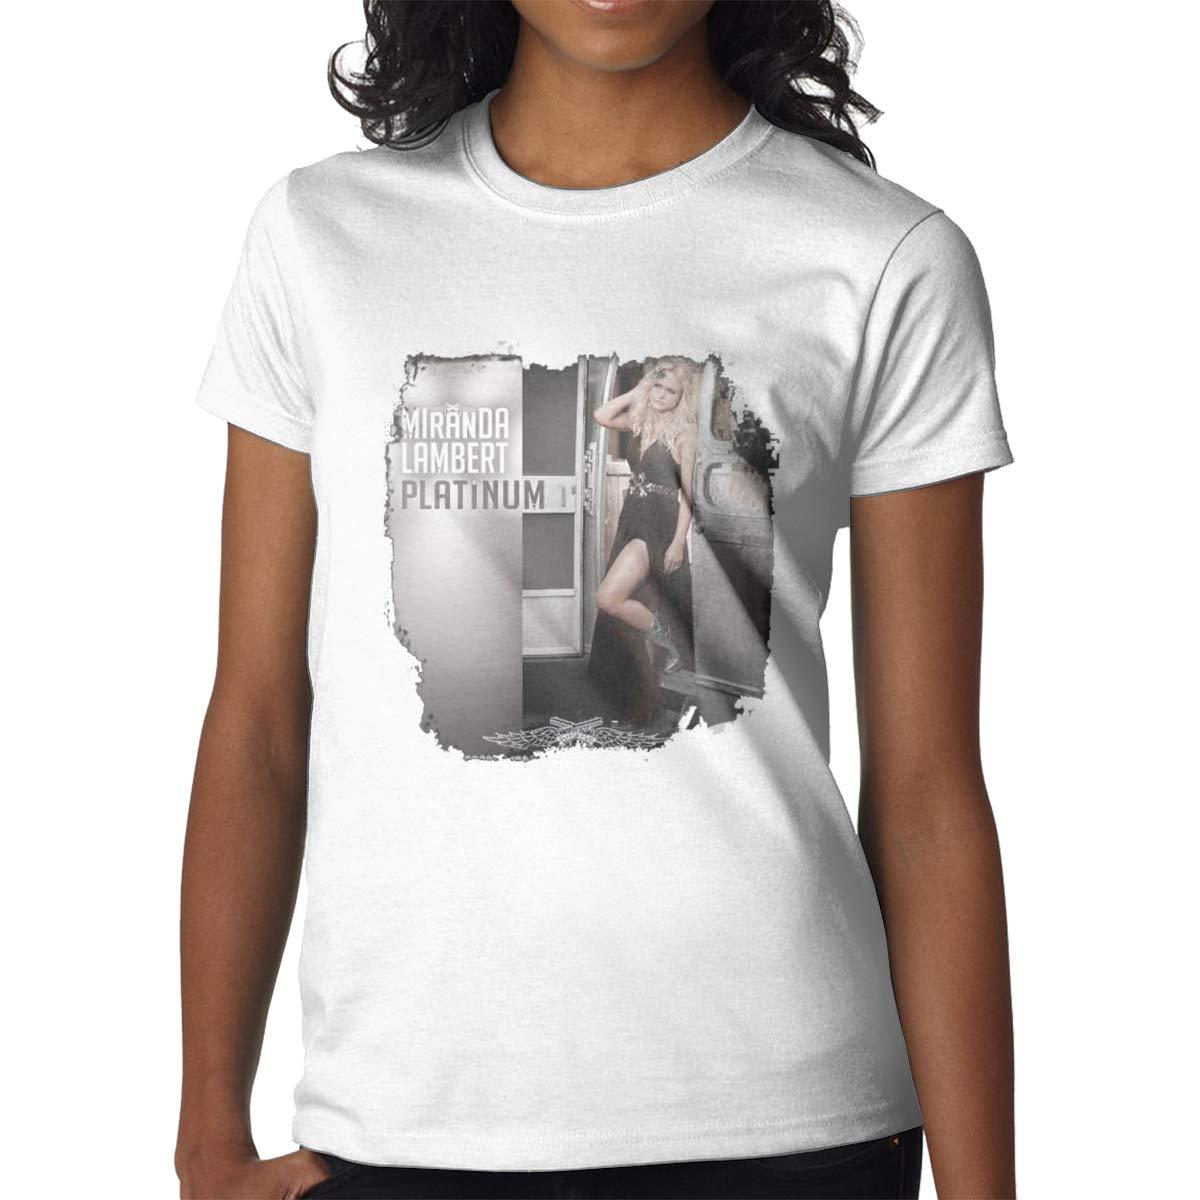 Miranda Lambert Platinum Simple Short Sleeve Black Shirts